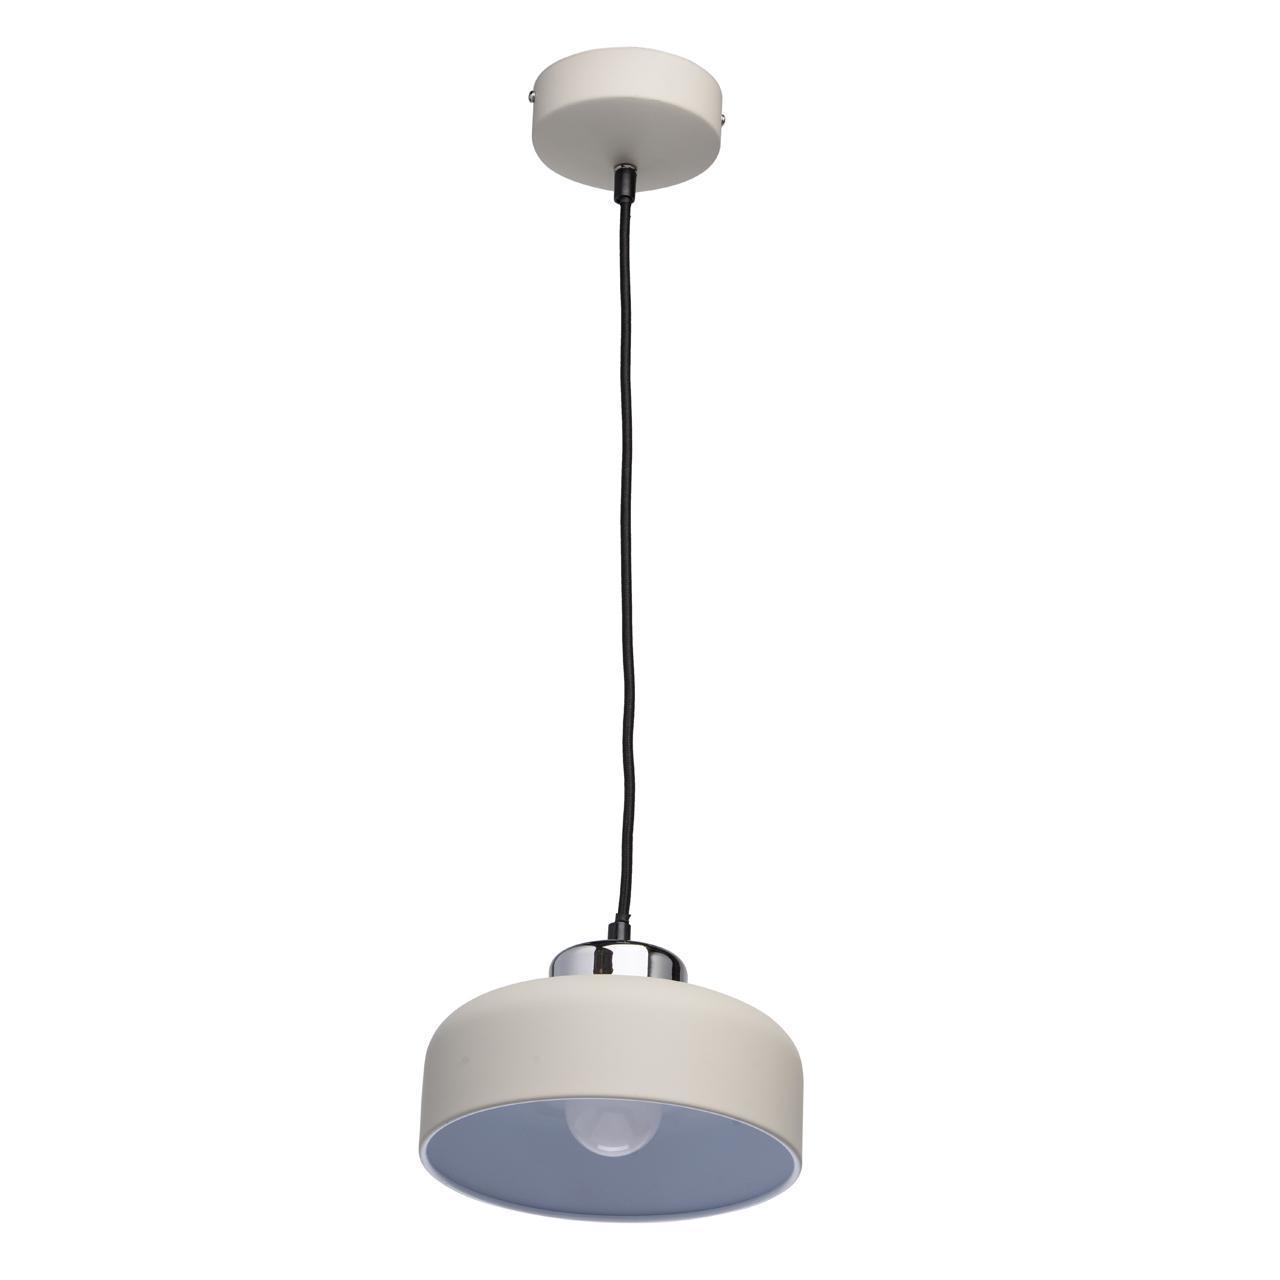 Подвесной светодиодный светильник MW-Light Раунд 2 636011701 подвесной светильник mw light сандра 811010301 page 2